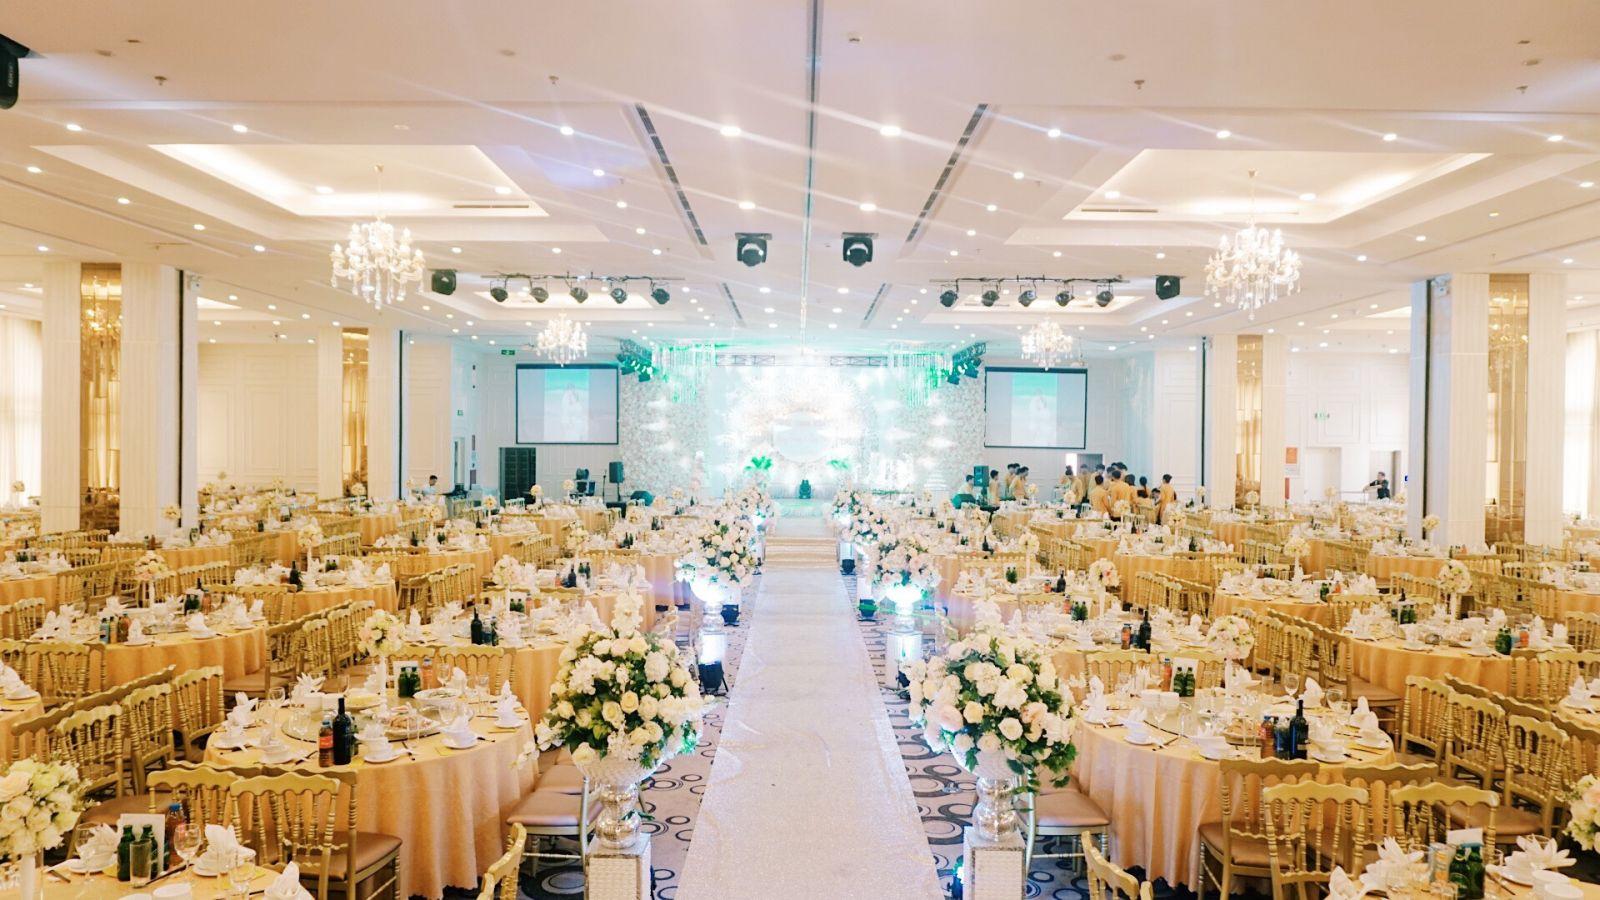 Hệ thống âm thanh biểu diễn cho nhà hàng tiệc cưới khách sạn